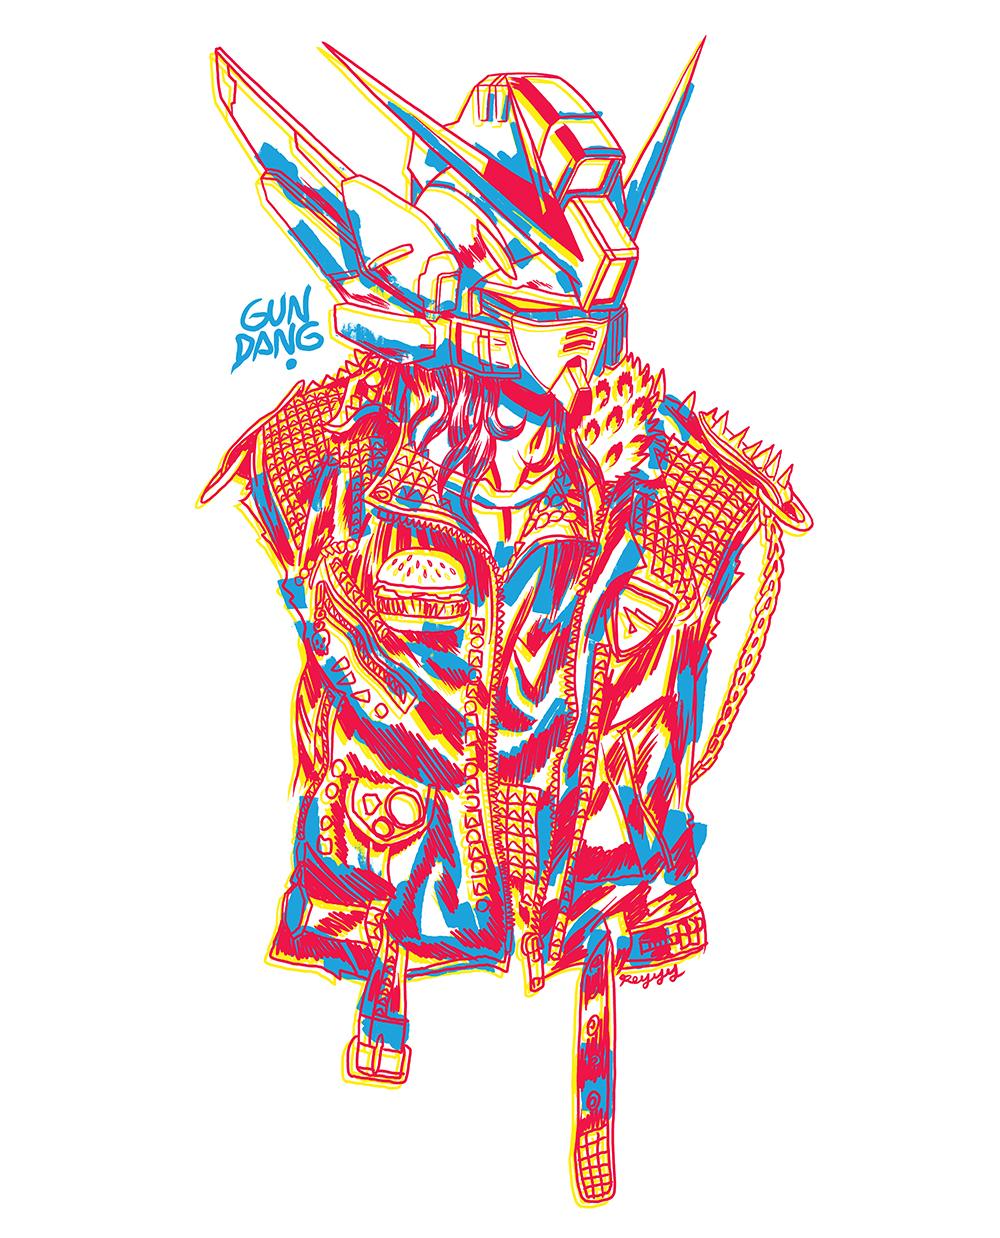 Gundang 2013 by reyyyyy